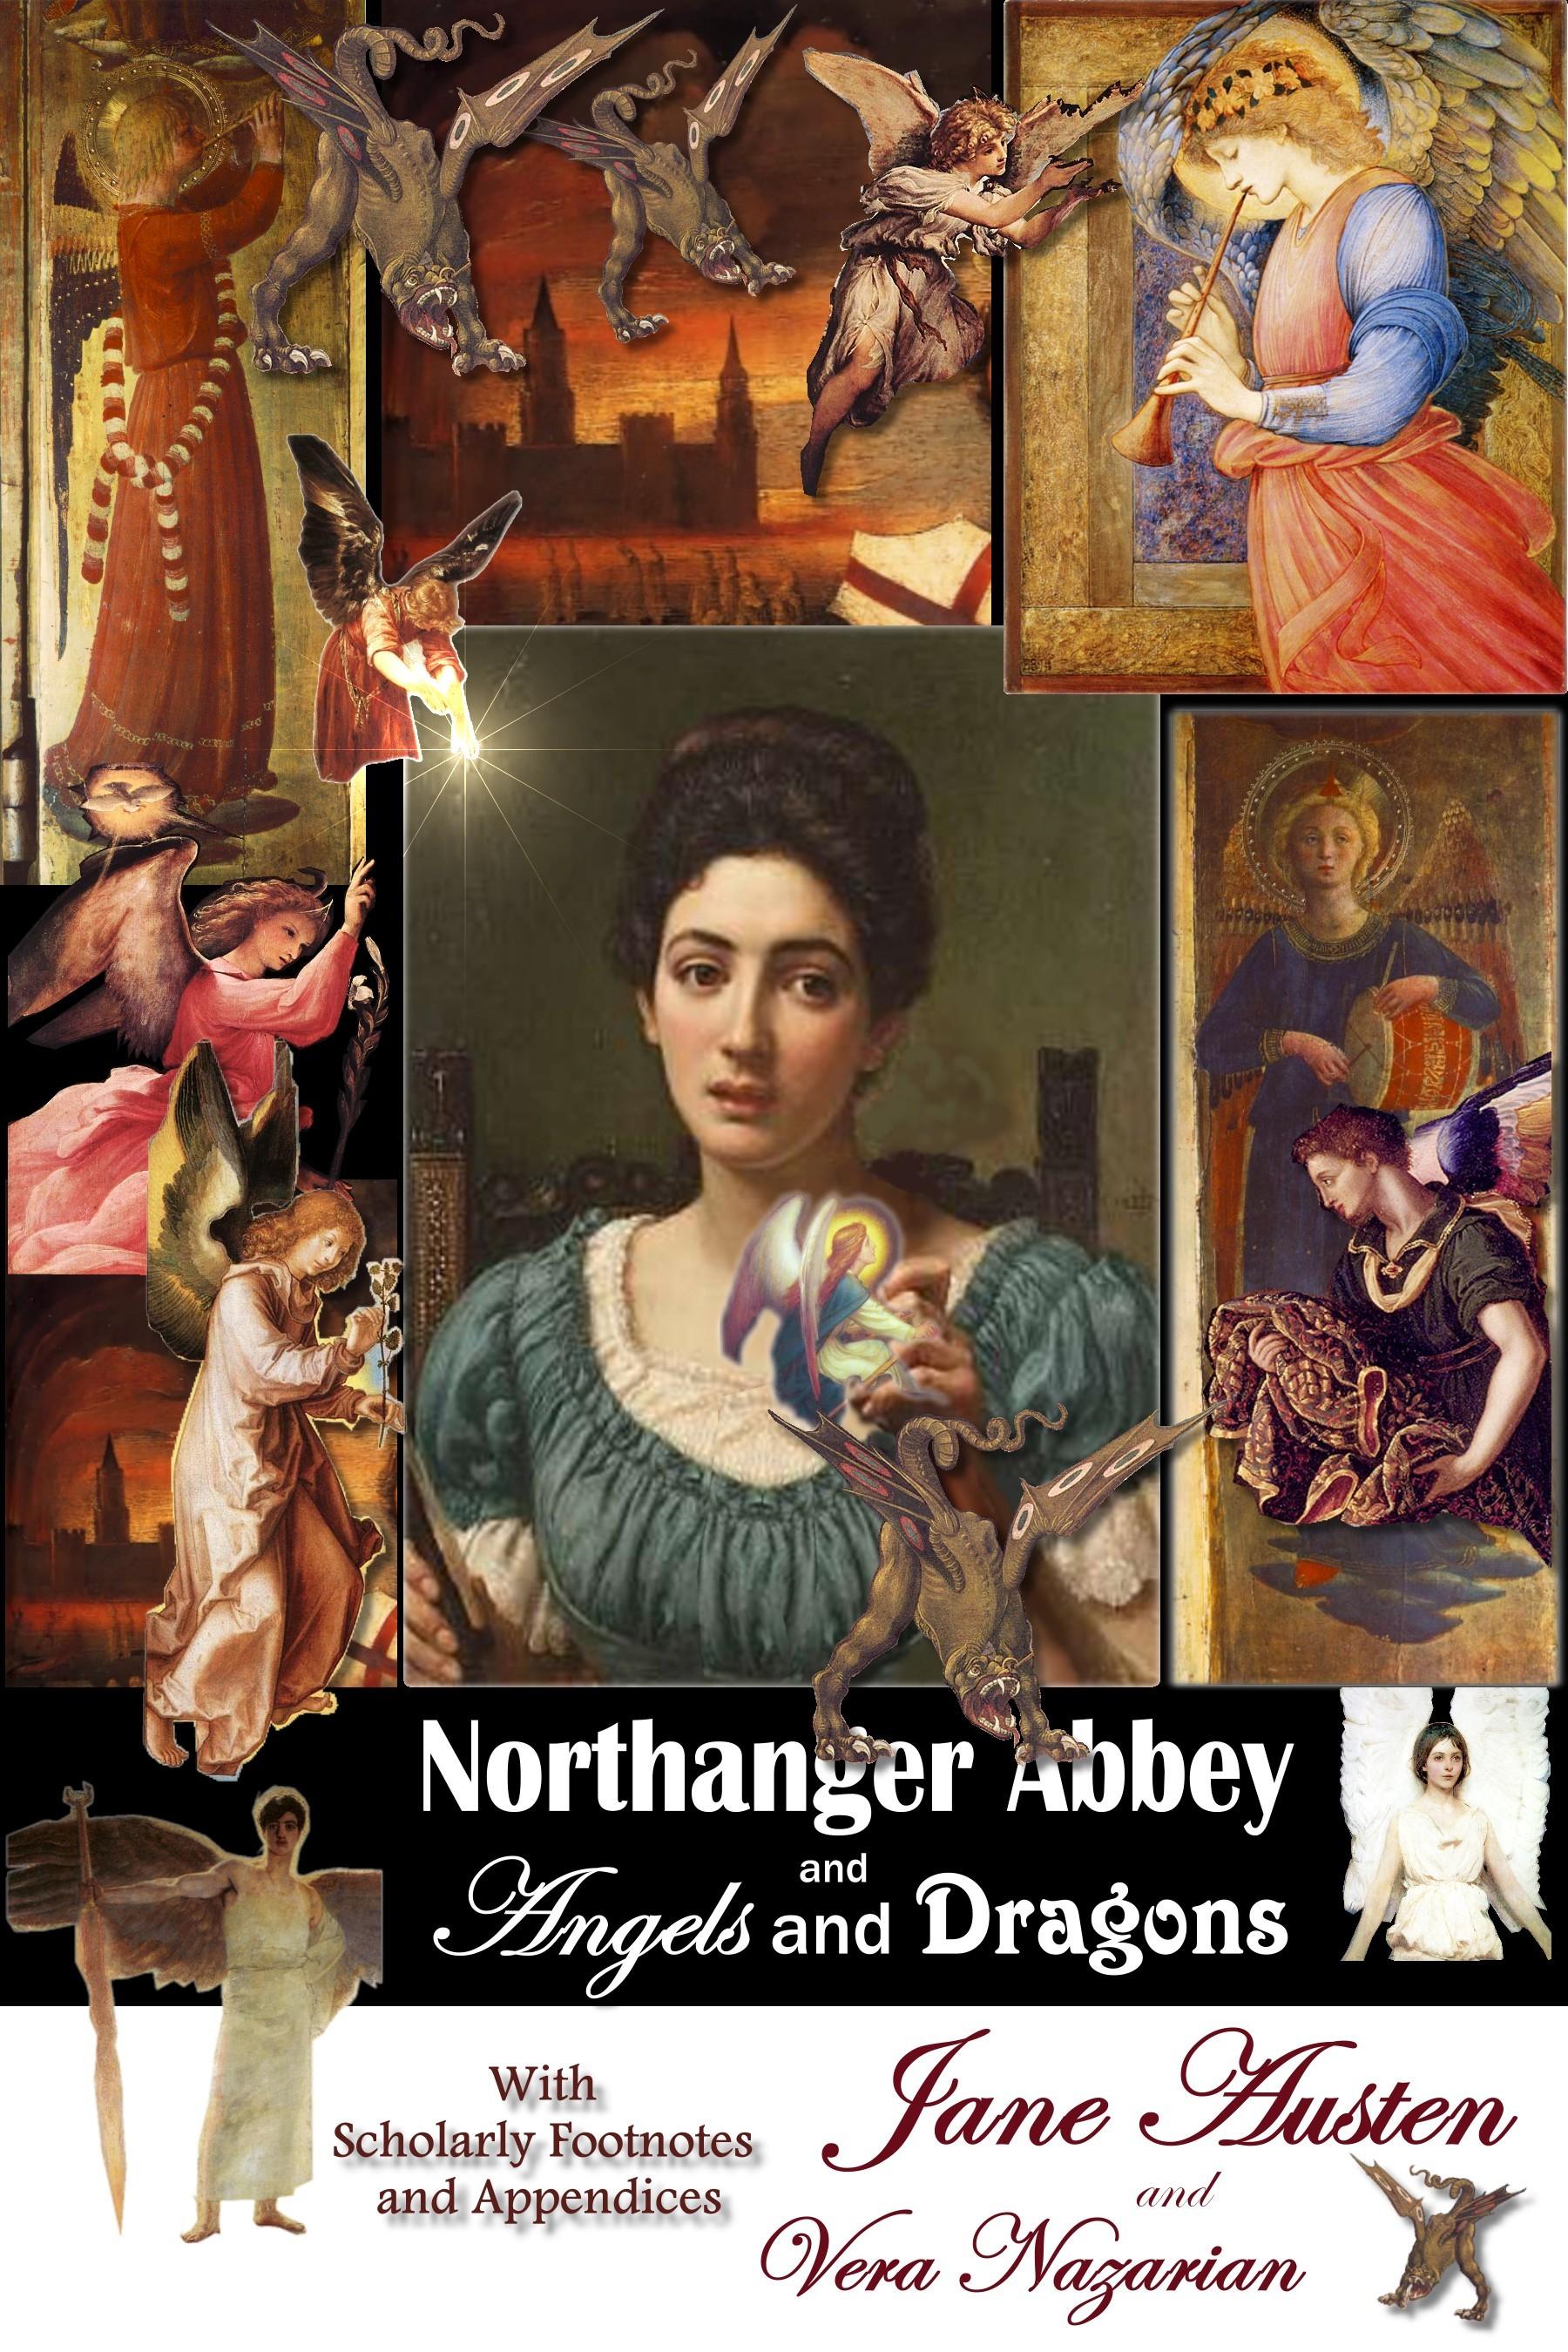 Нортангърското абатство и Дракони и ангели